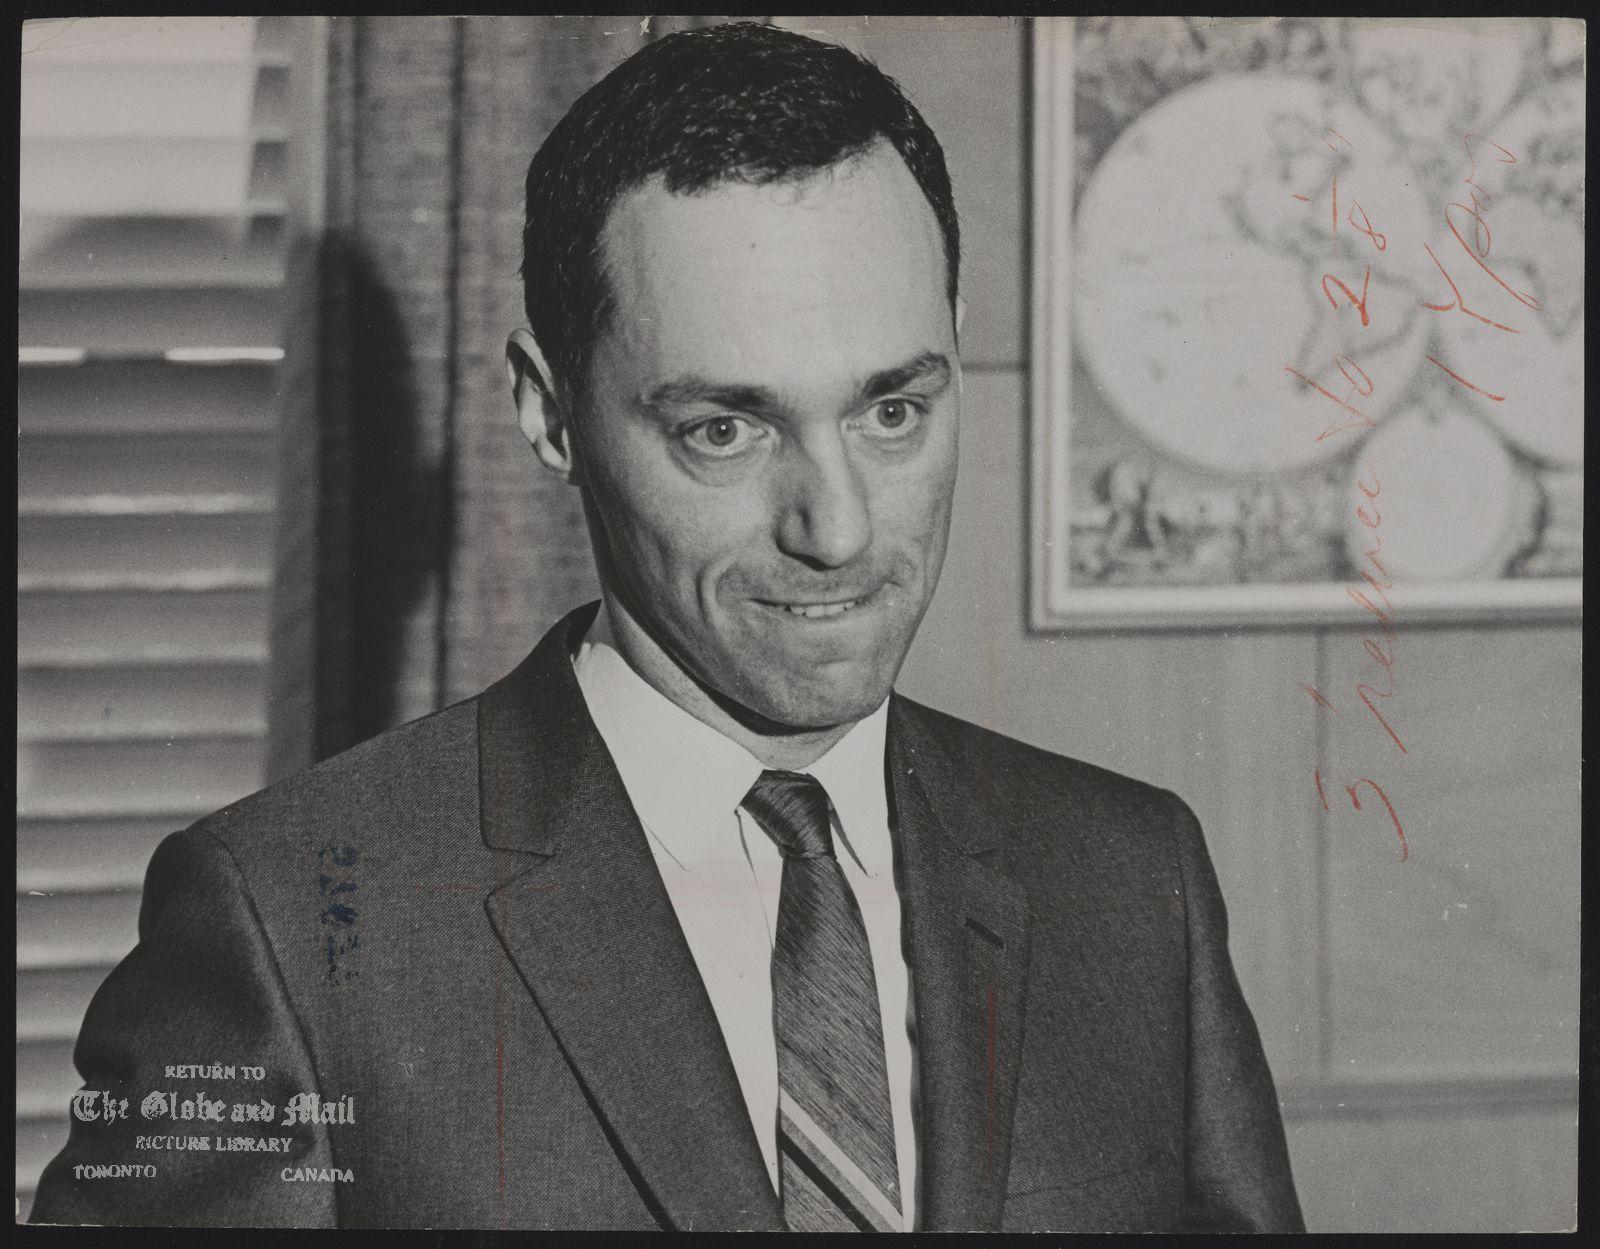 (Dr.) Morton SHULMAN Toronto. Coroner.